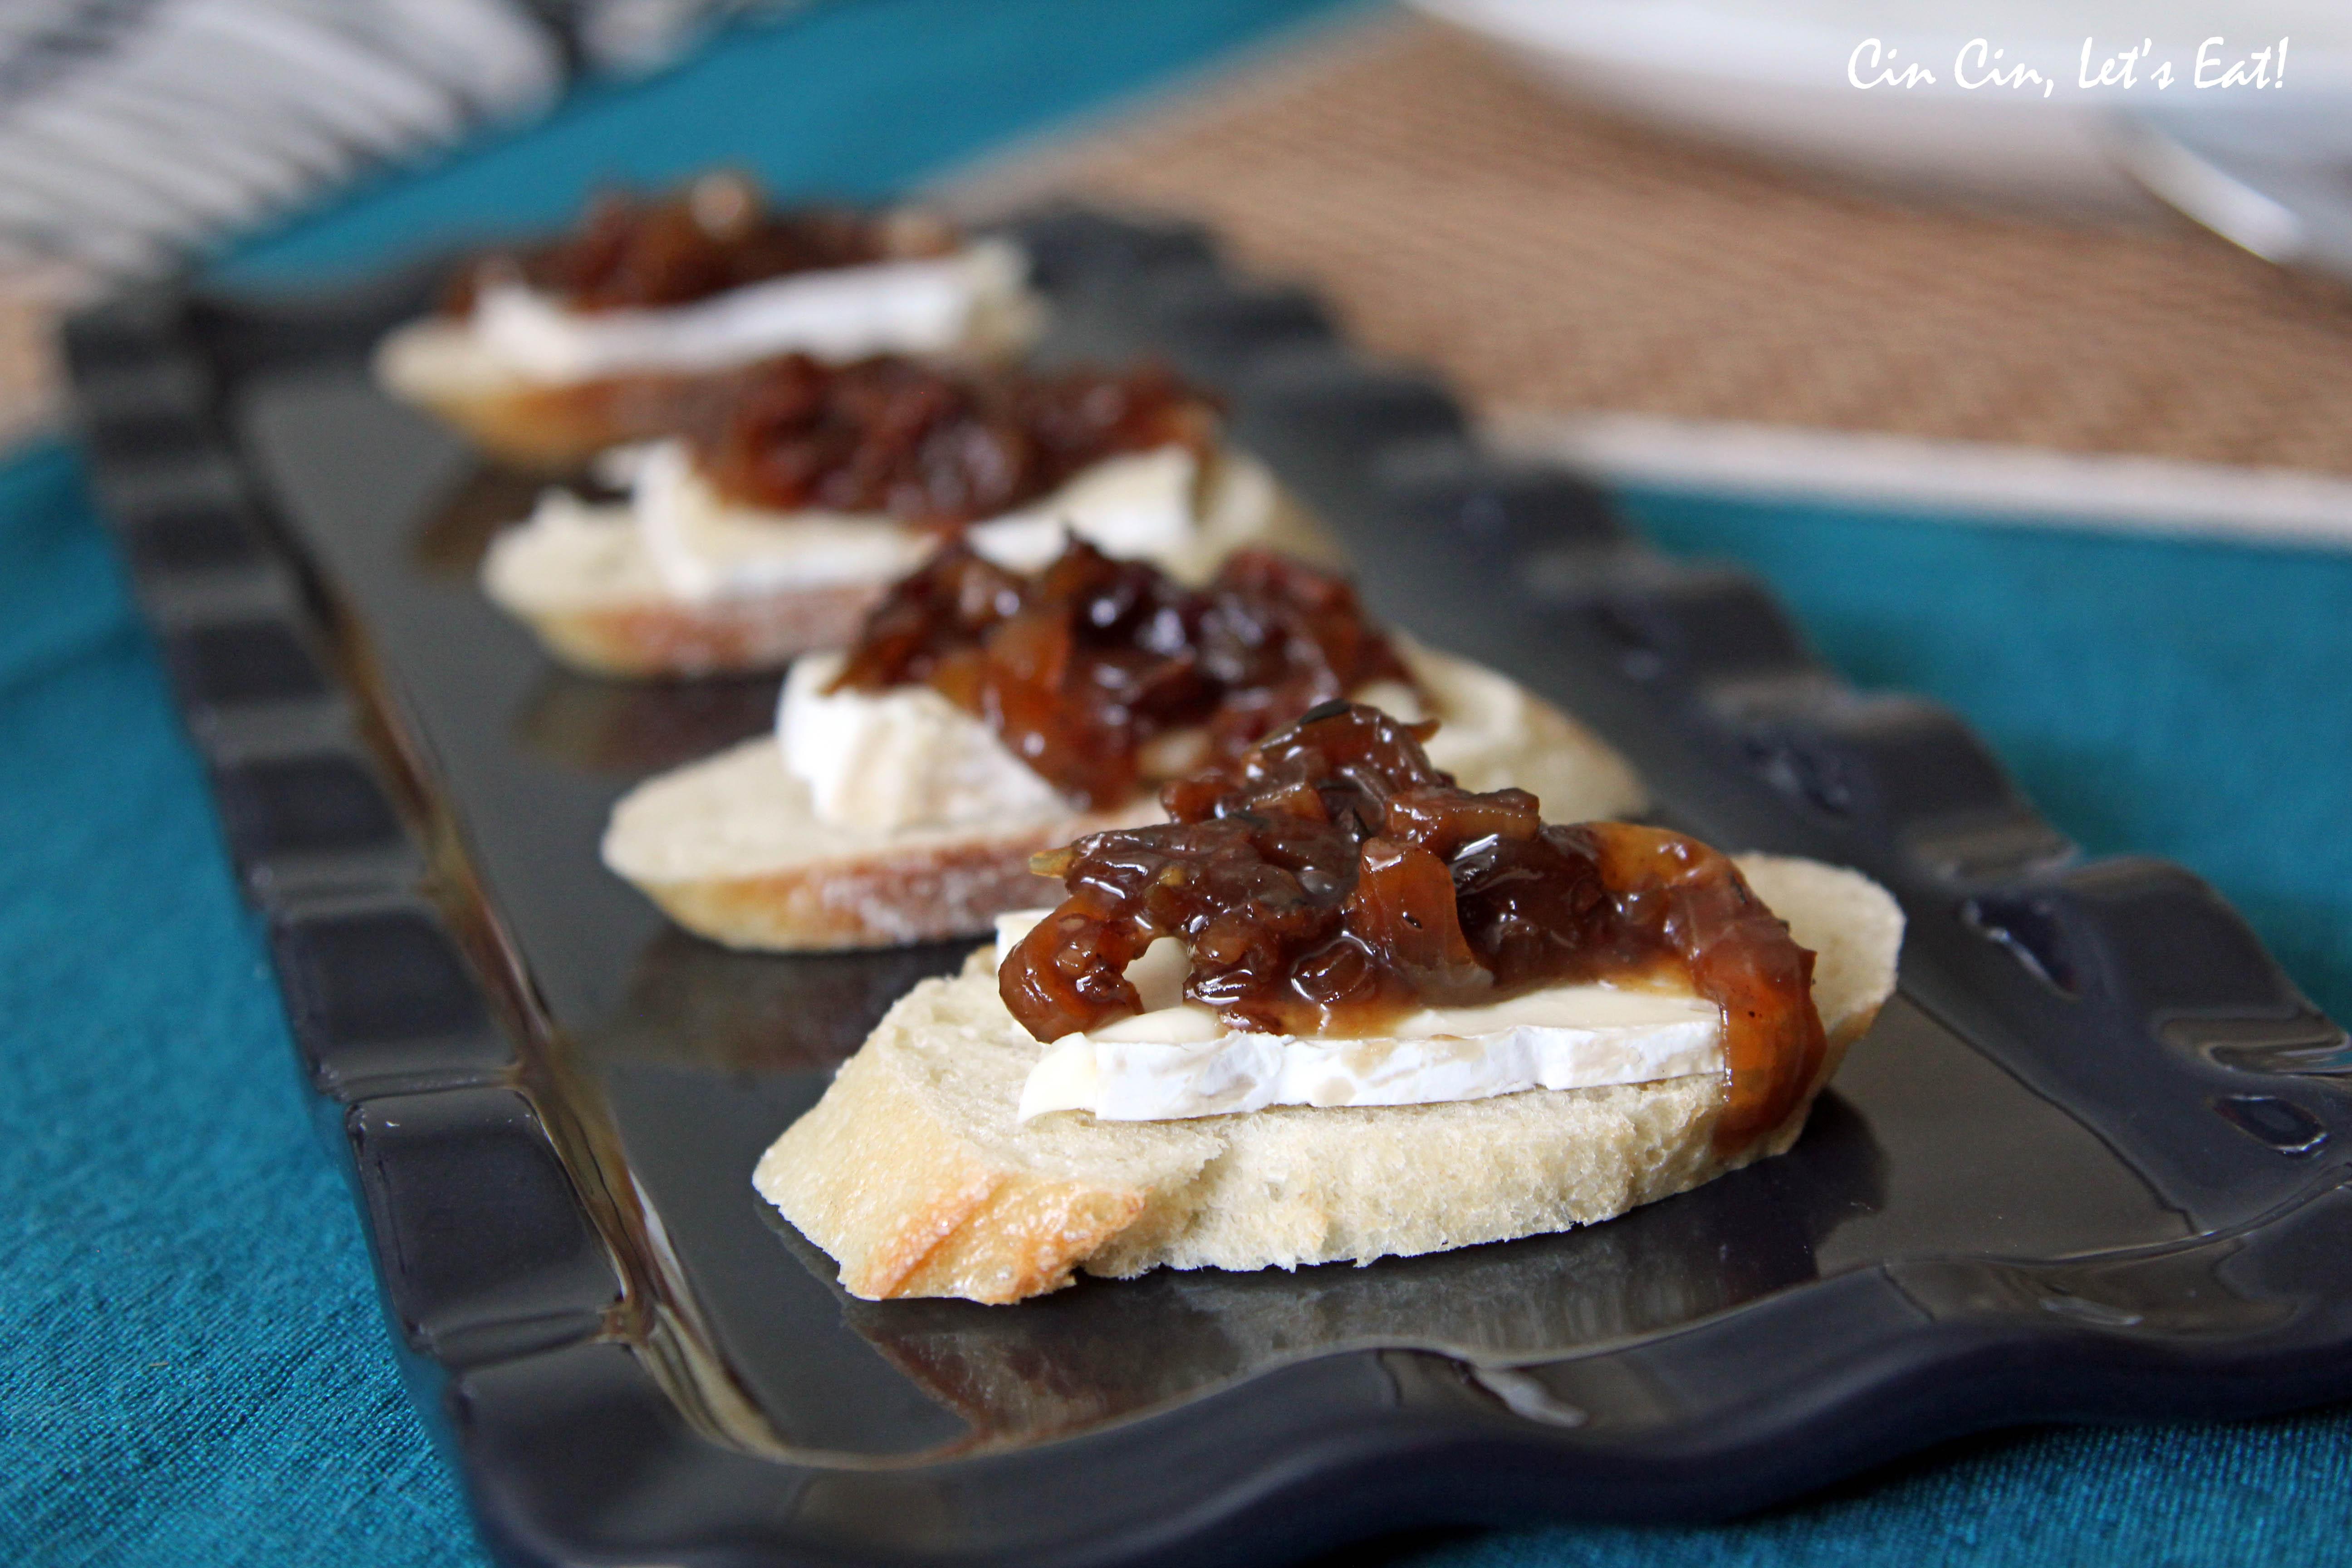 Bacon Jam [recipe] | Cin Cin, Let's Eat!